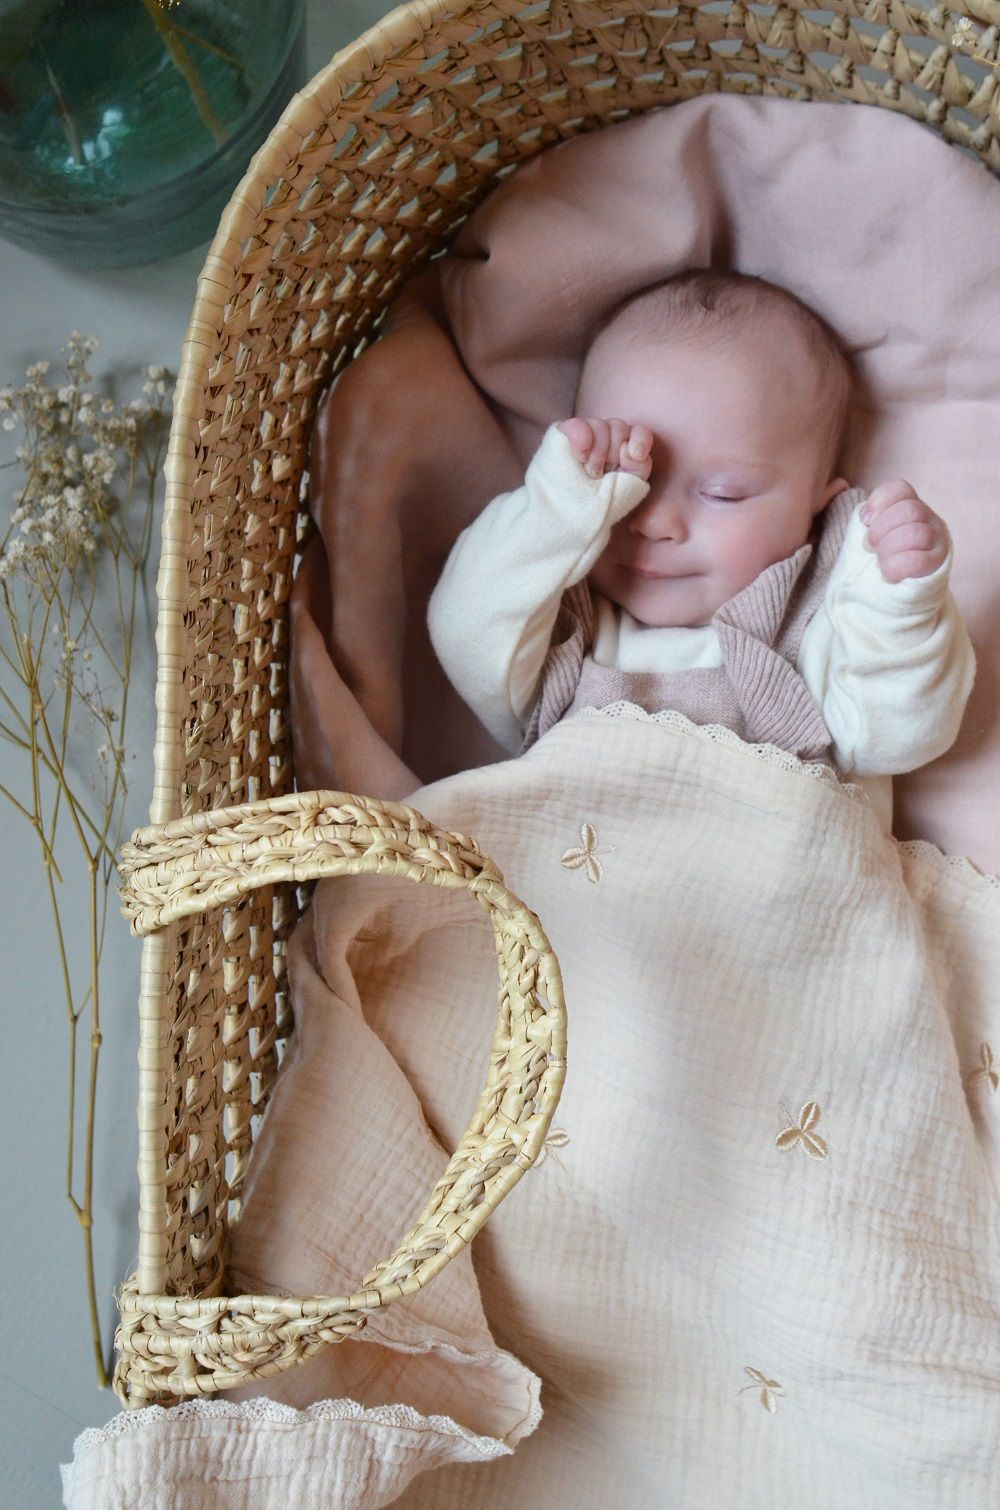 Bébé dans un couffin en osier